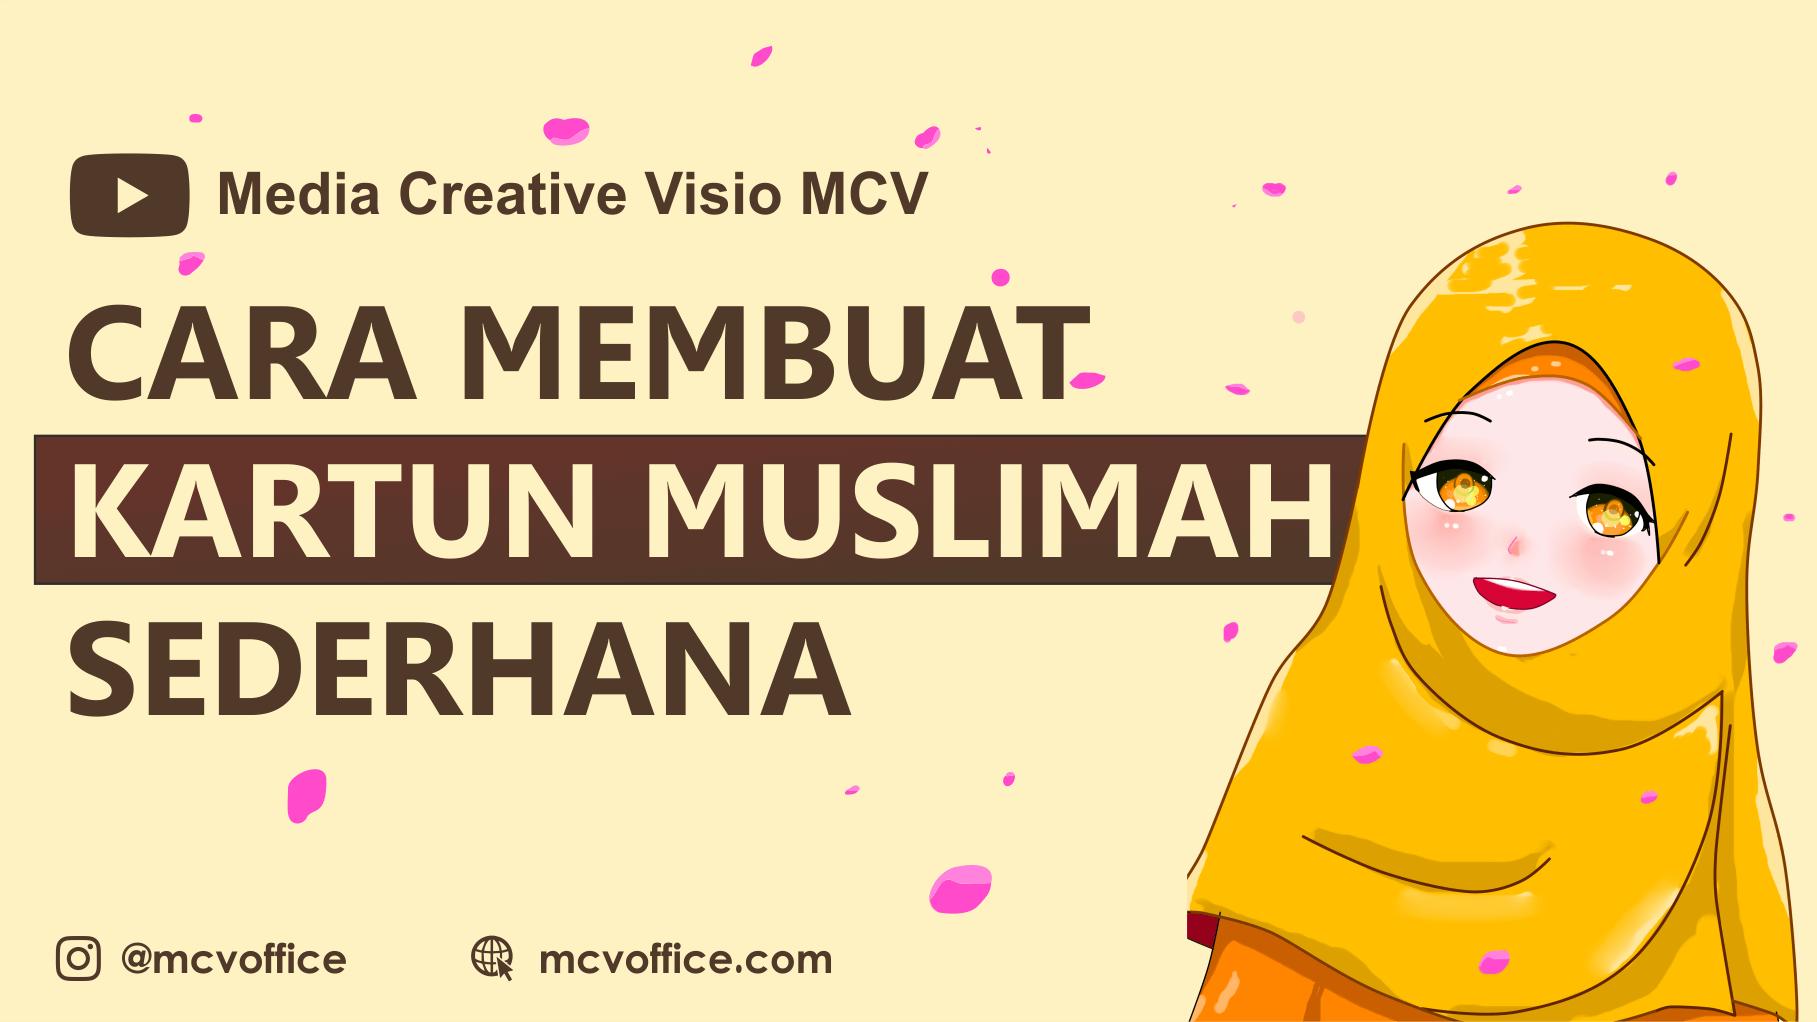 Cara Membuat Kartun Muslimah Terbaru Mudah Kartun Photoshop Desain Grafis